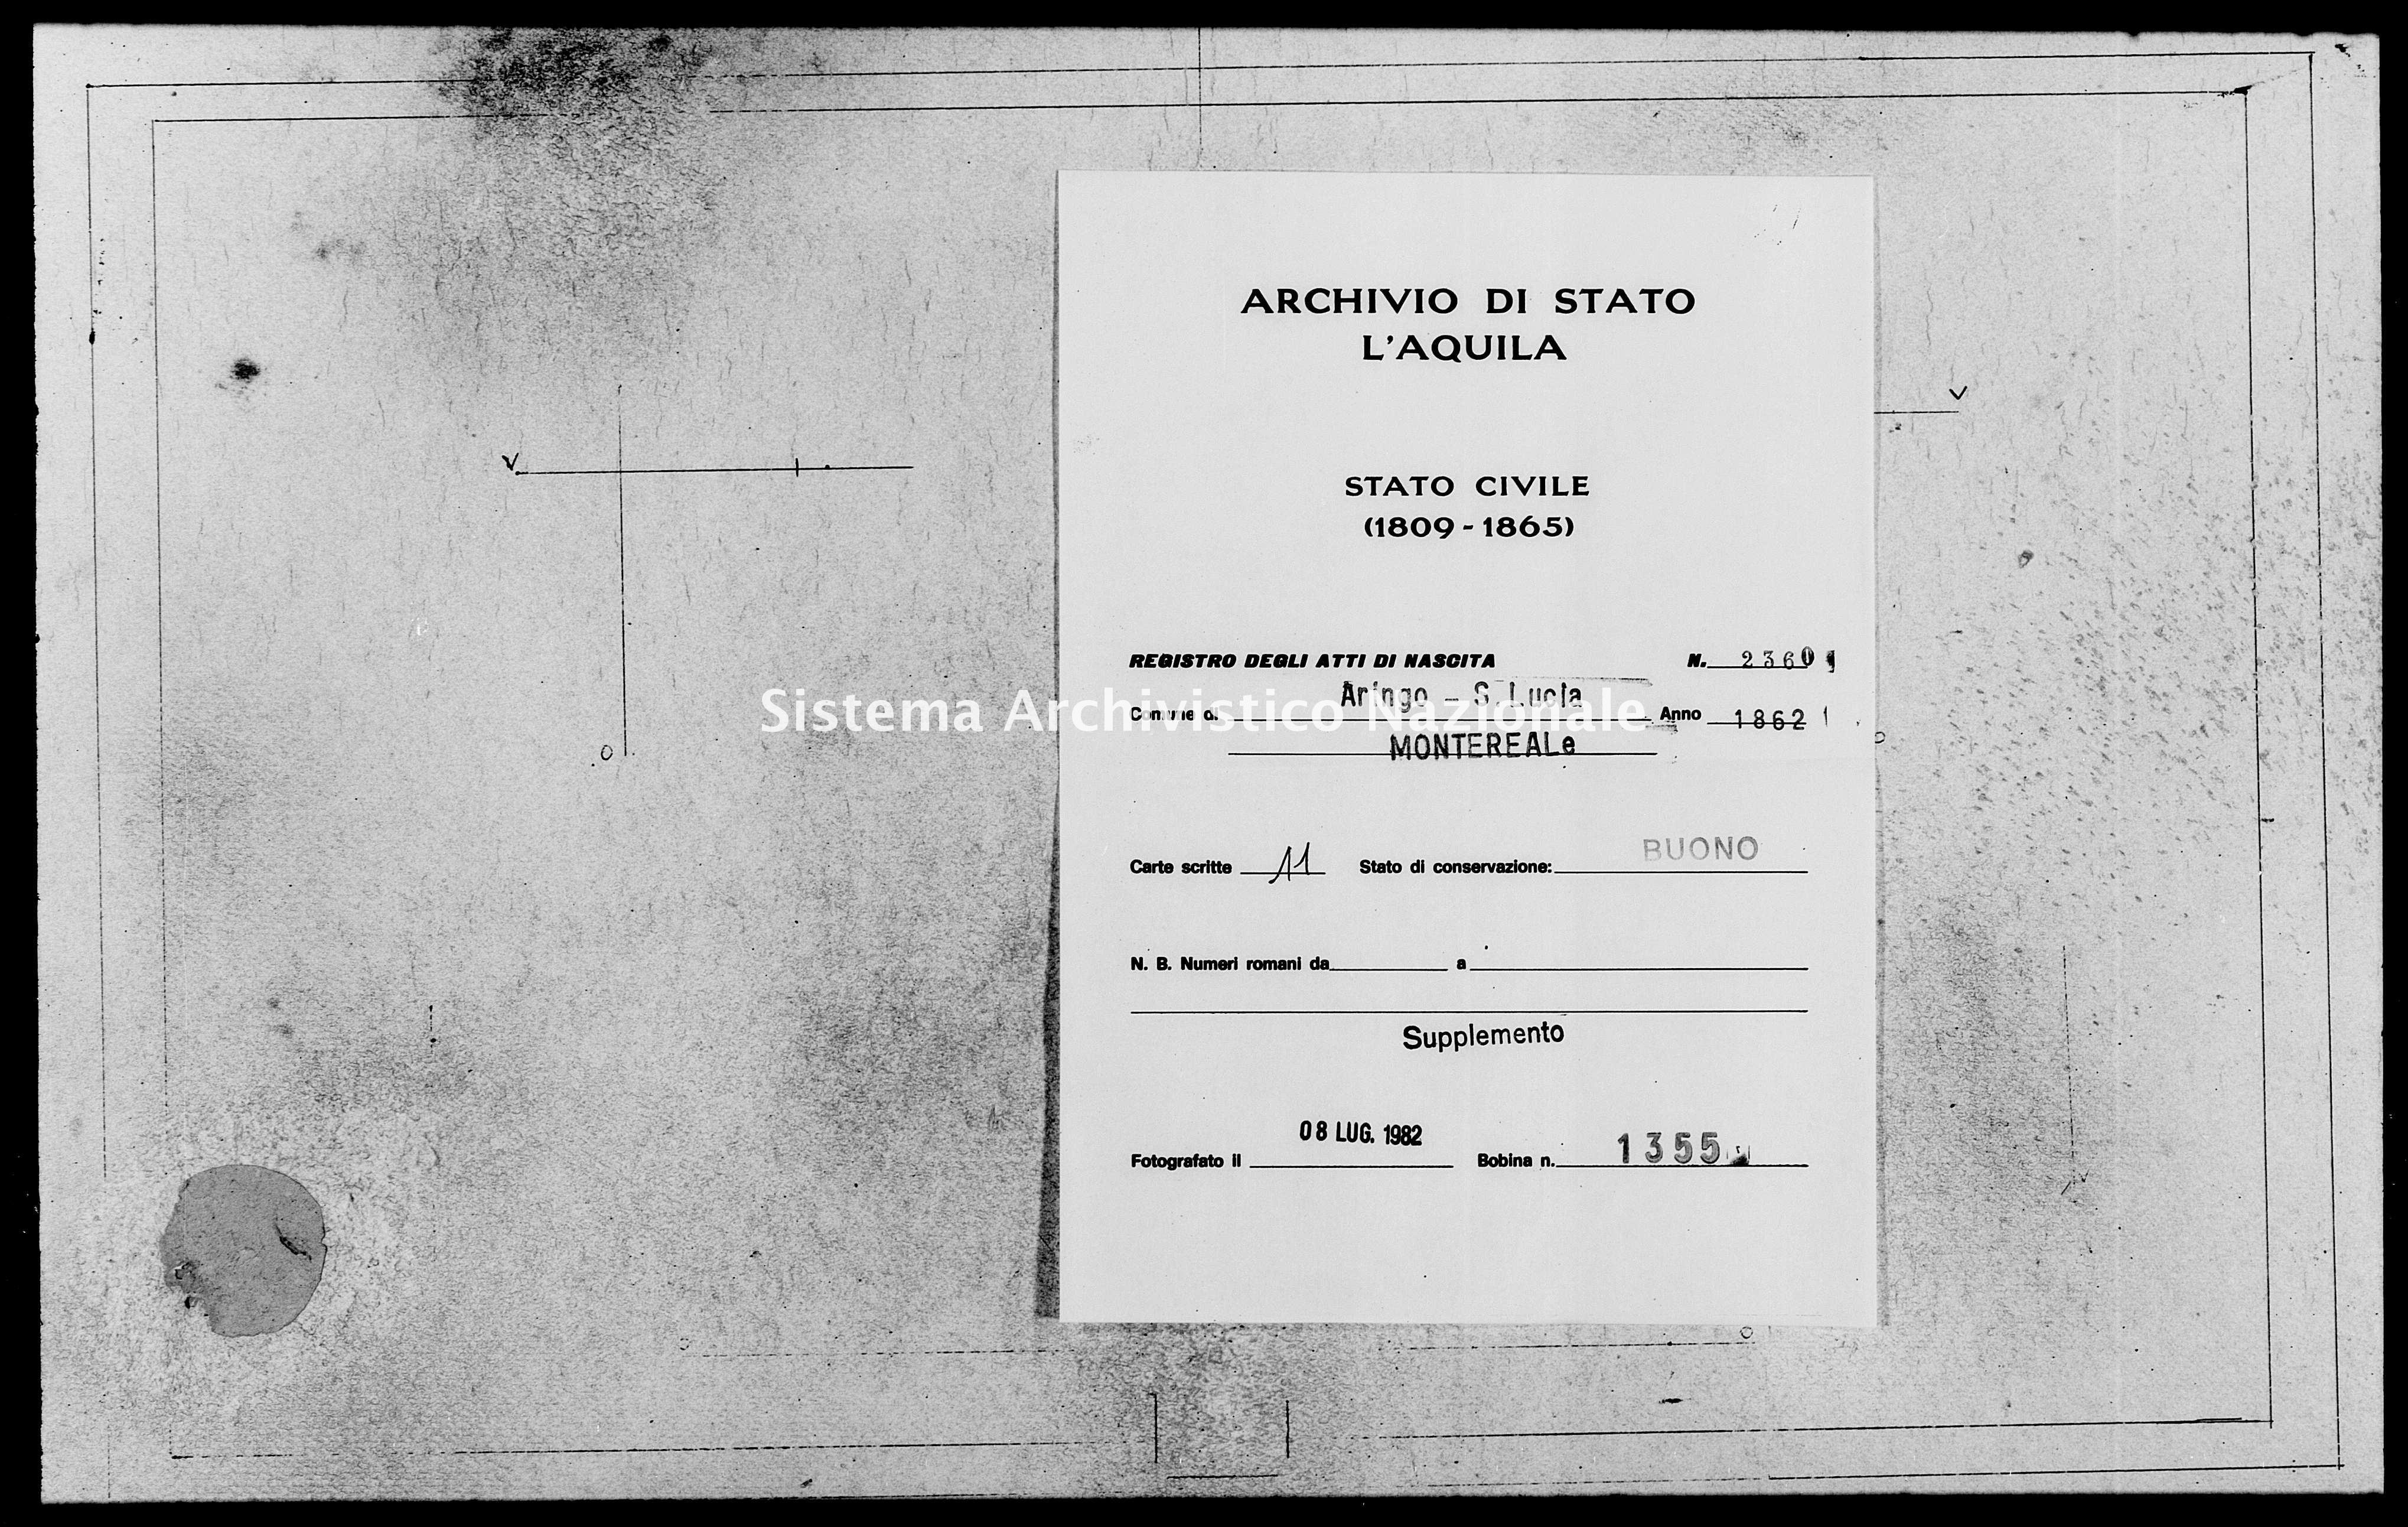 Archivio di stato di L'aquila - Stato civile italiano - Aringo-Santa Lucia - Nati, battesimi - 1862 - 2360 -